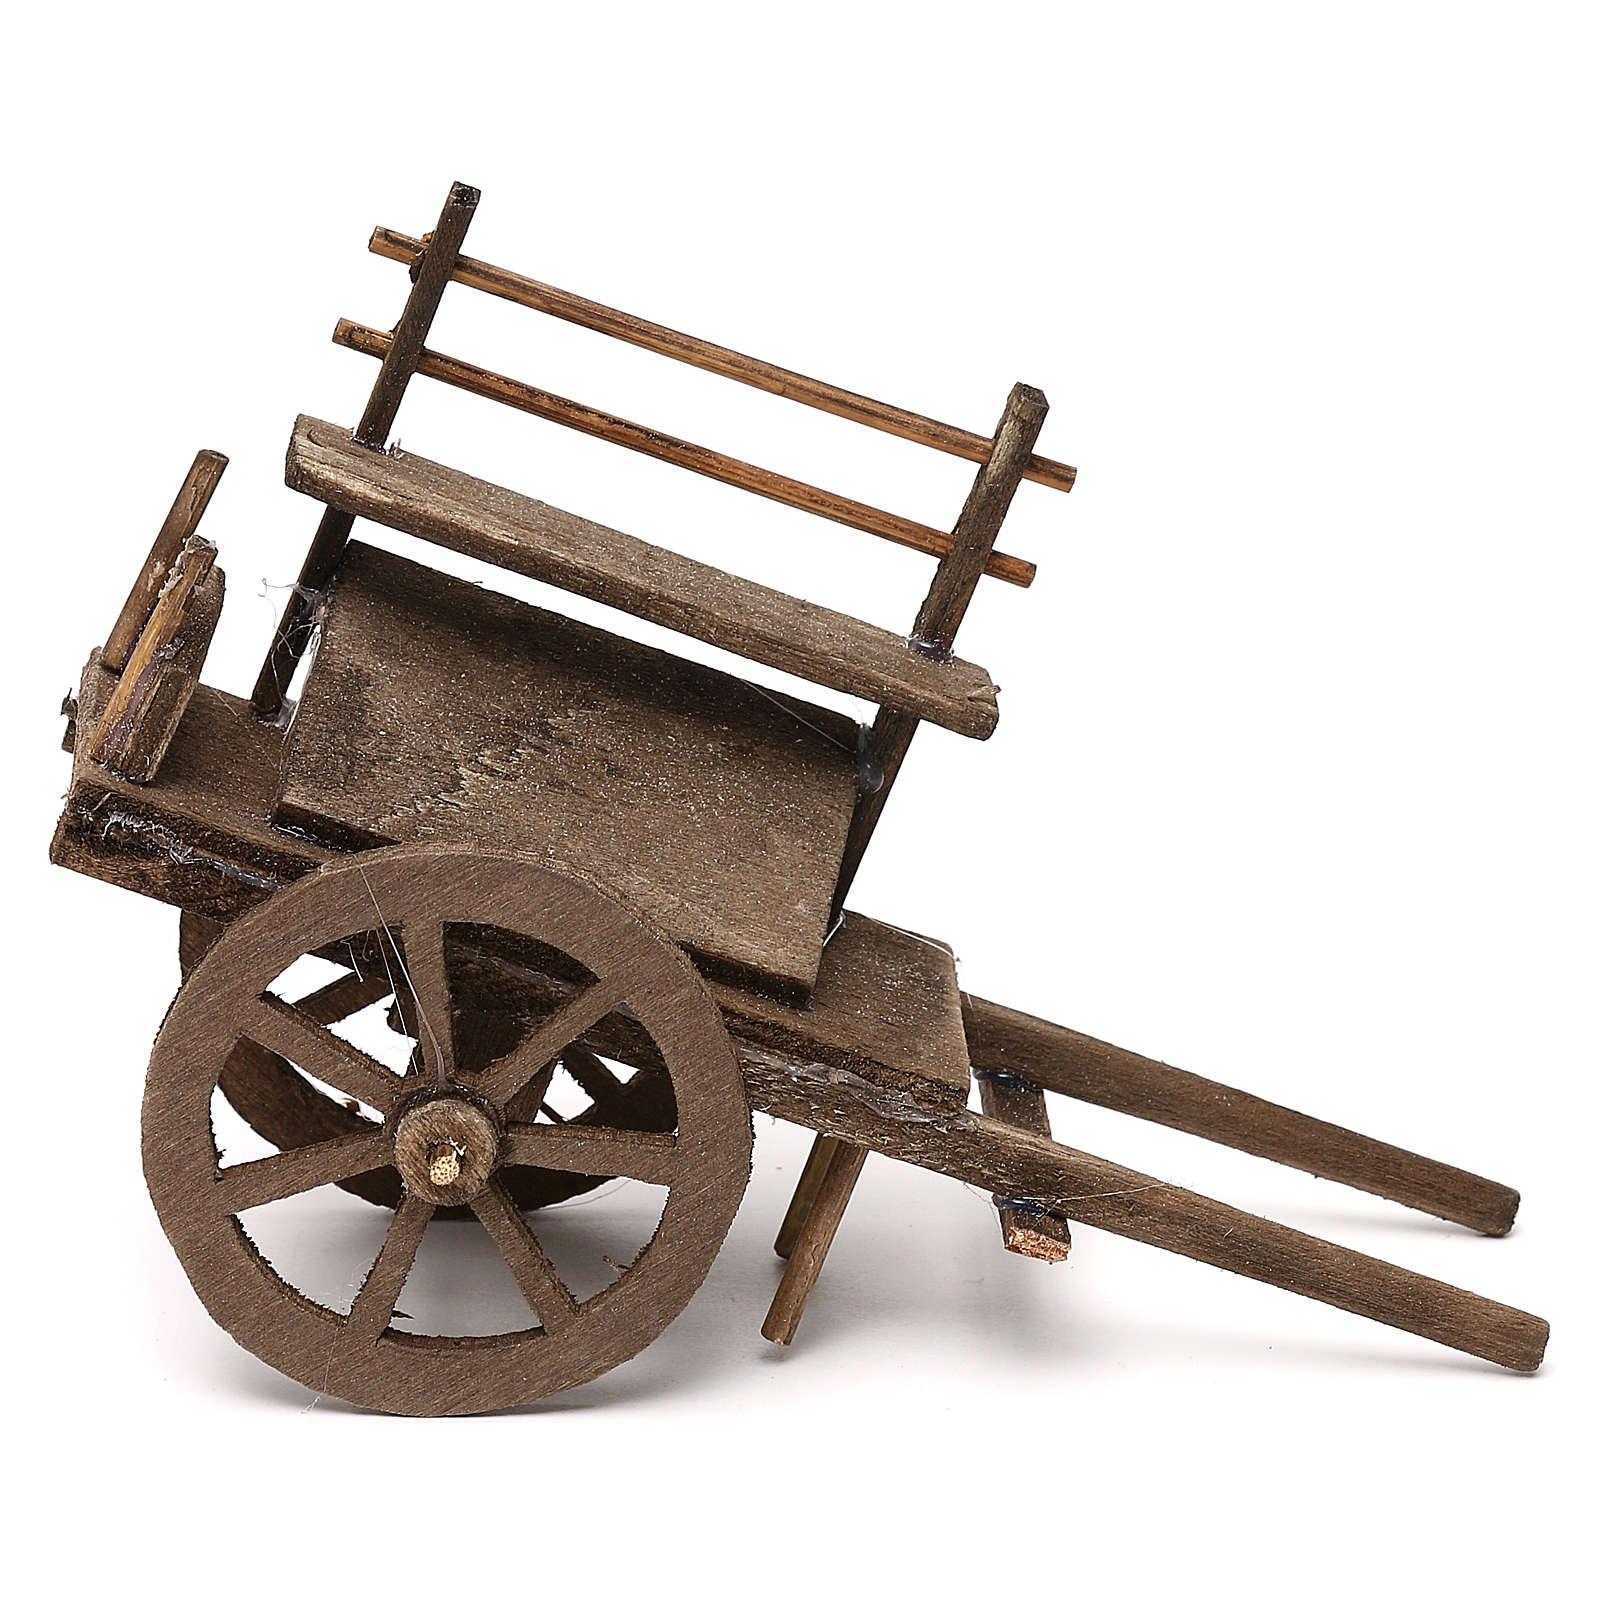 Wóz dla sprzedawcy ulicznego z drewna szopka neapolitańska 12 cm 4